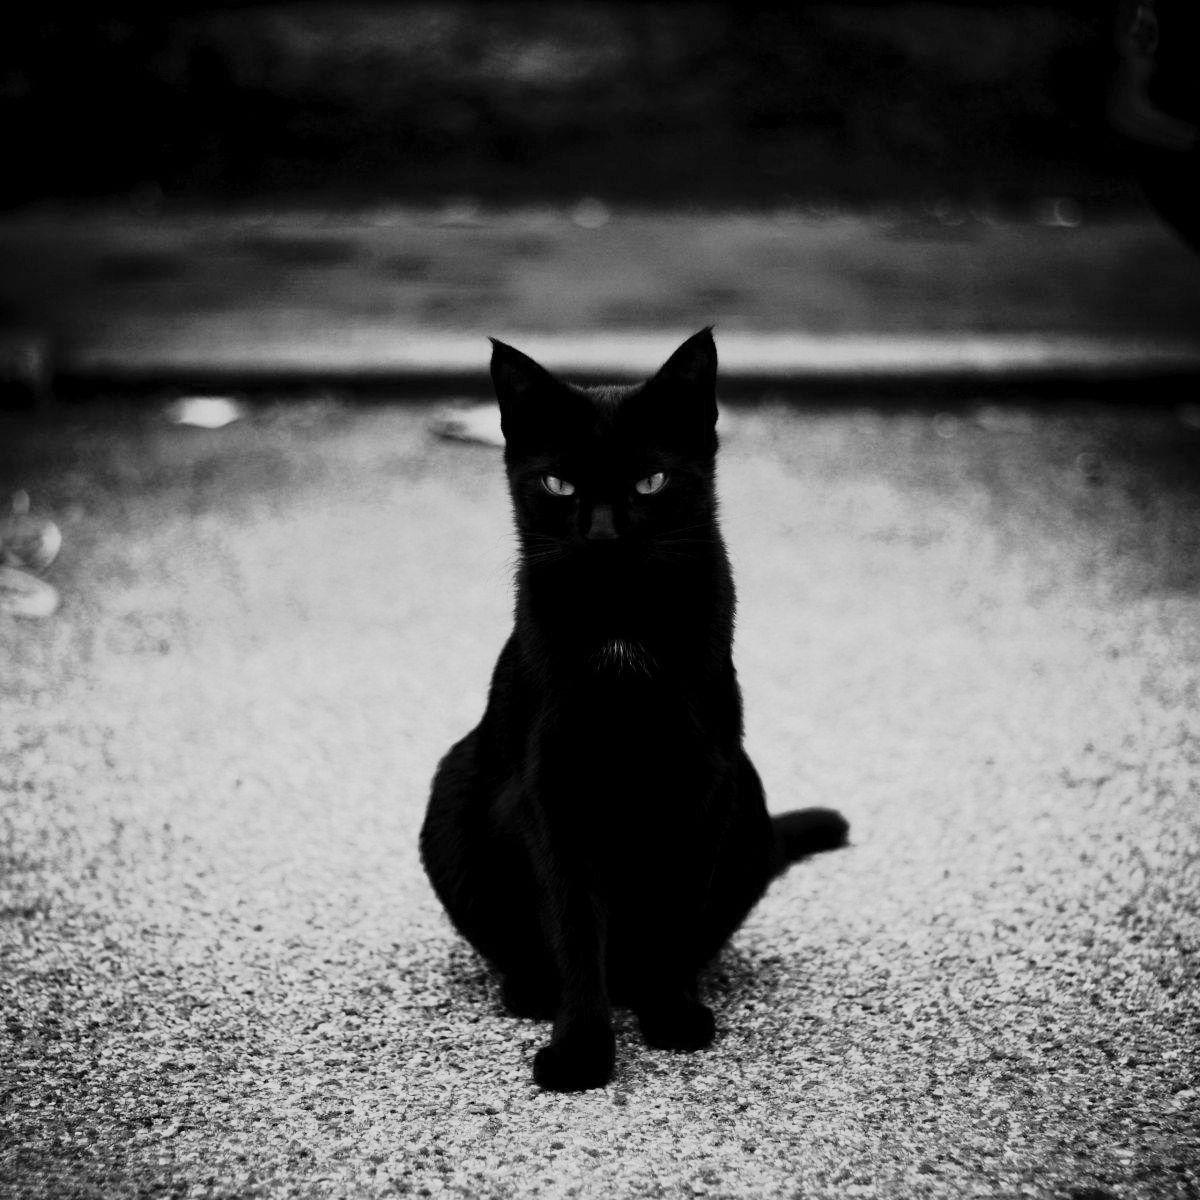 больше мрачные коты фото кирпича должно